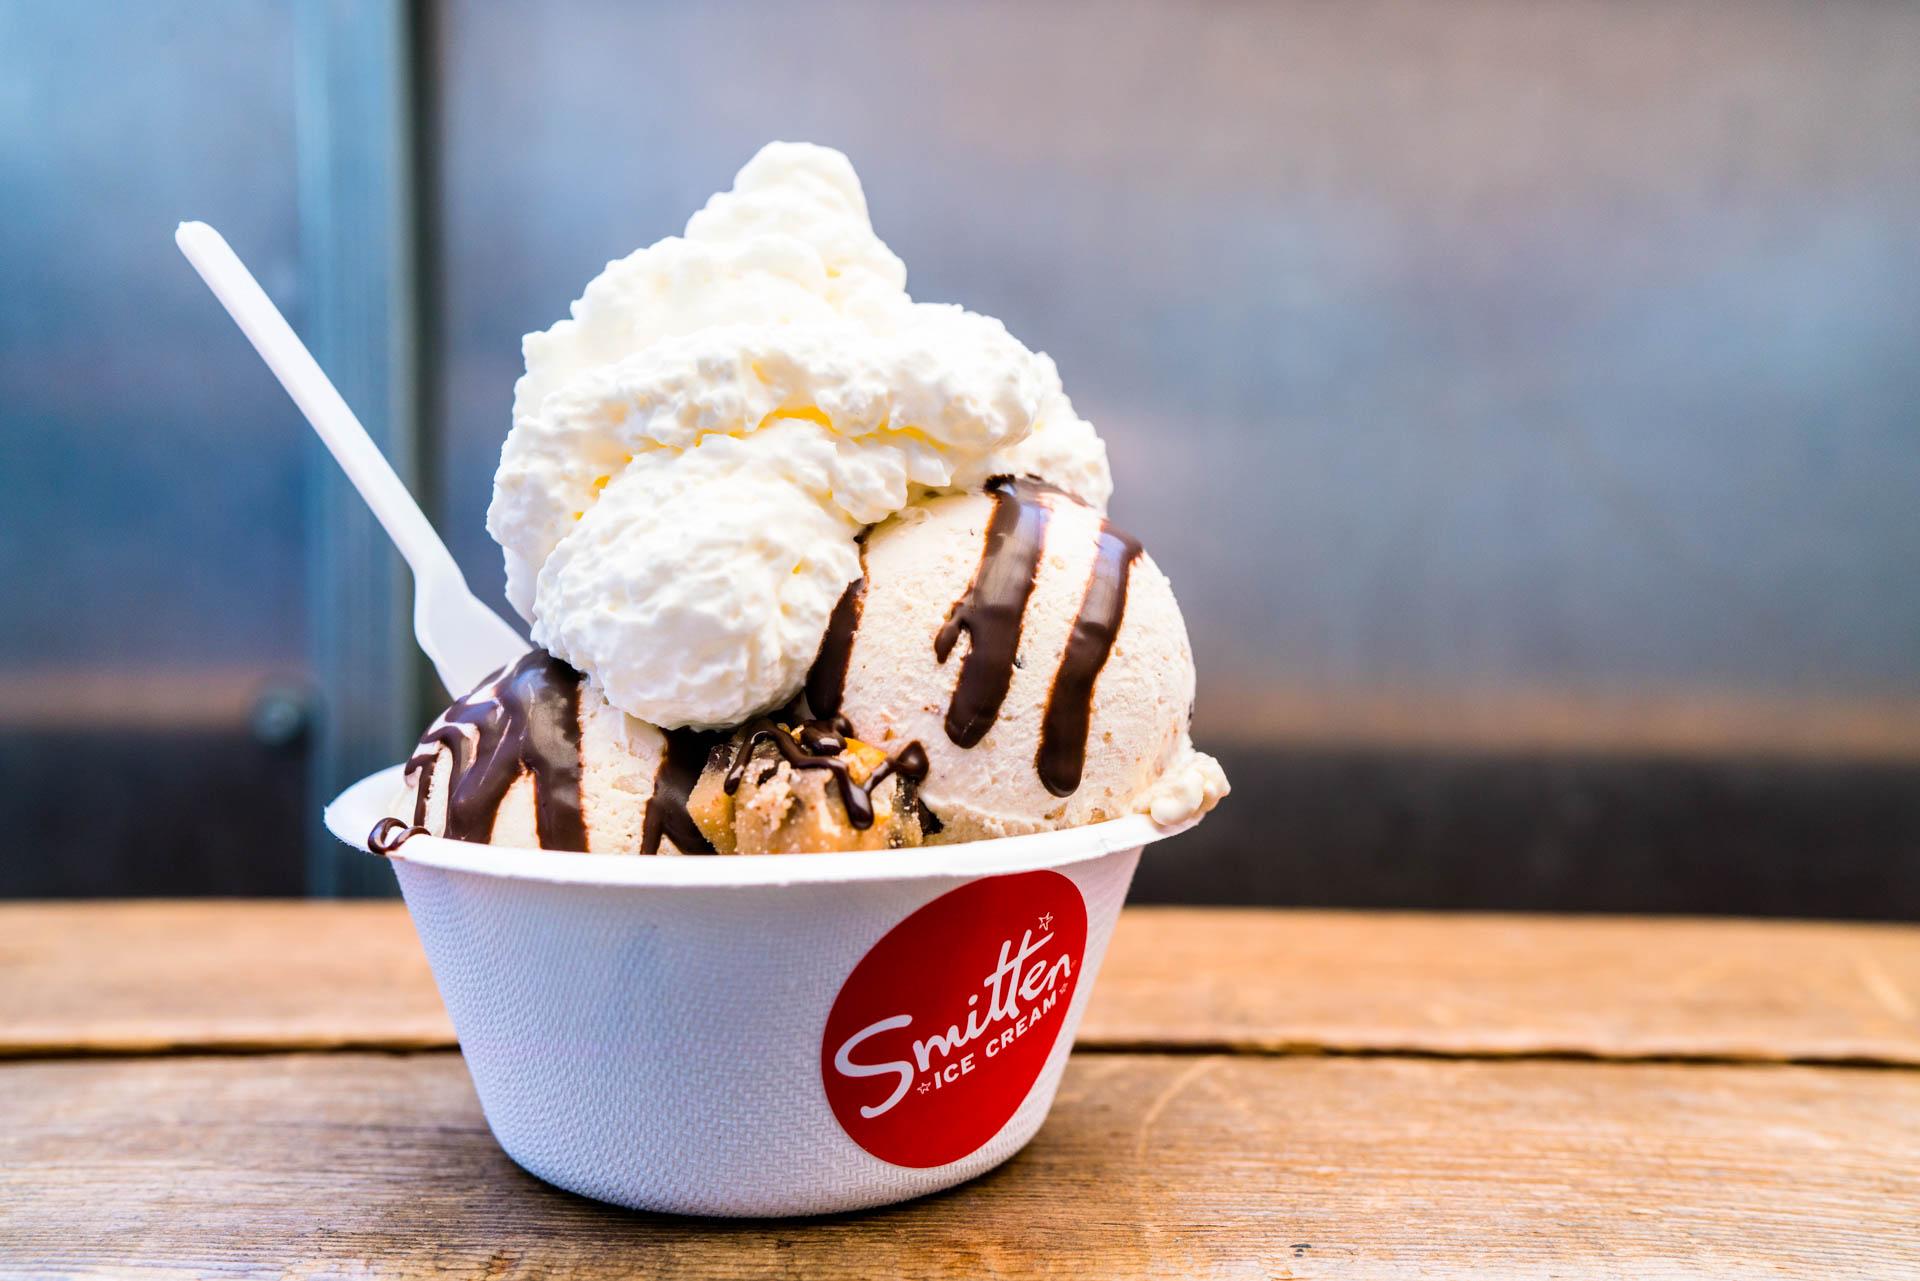 smitten_ice_cream-8.jpg